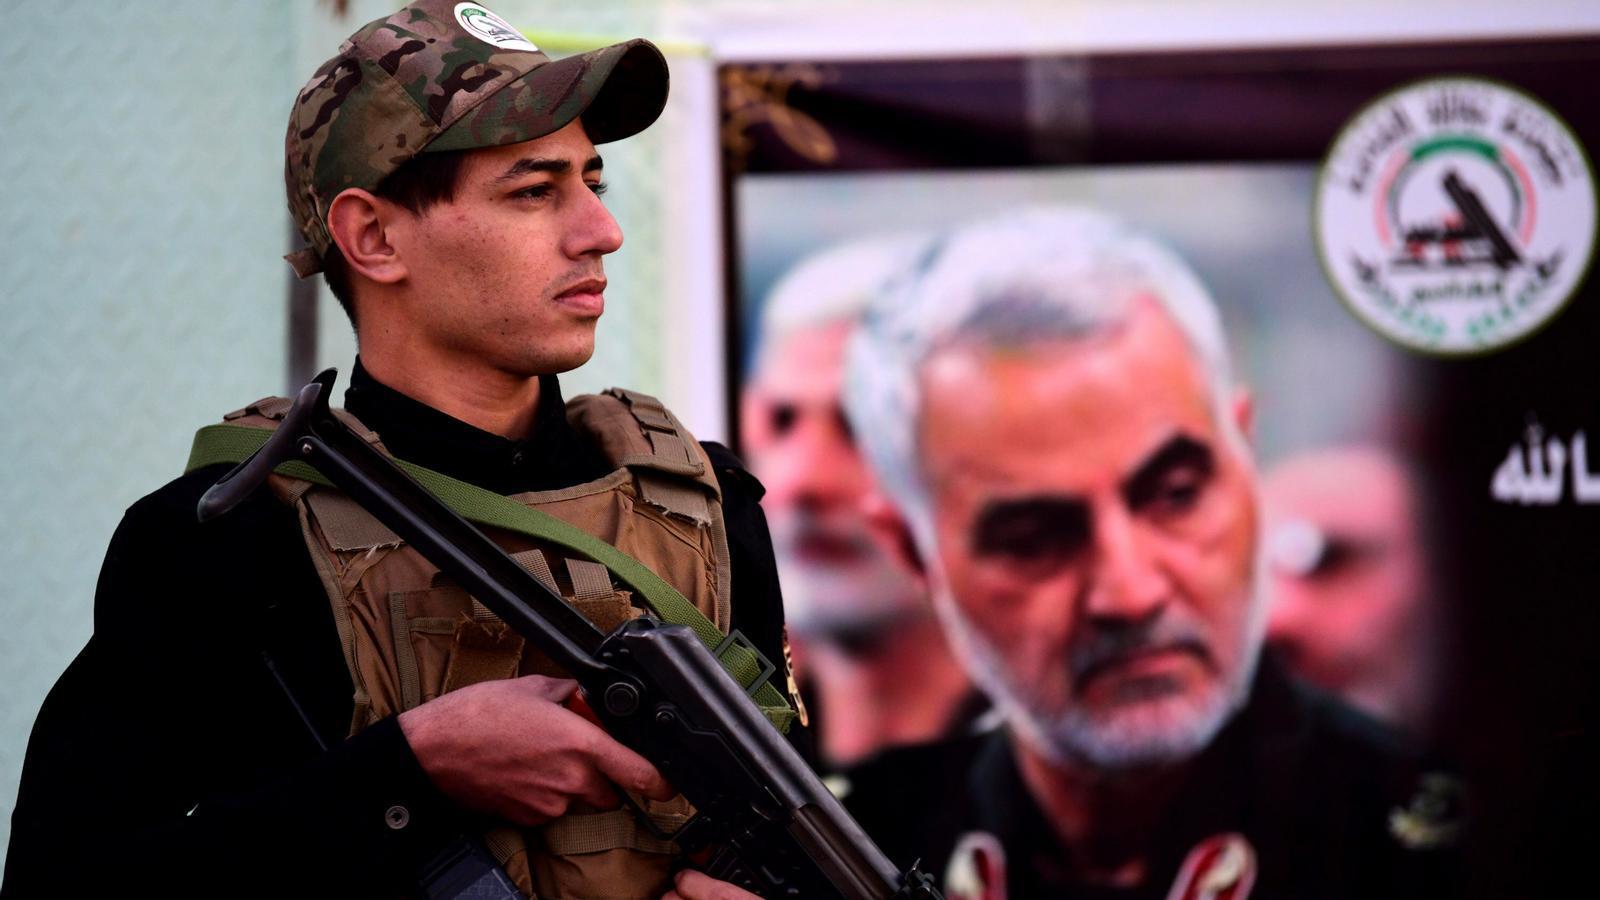 Quines poden ser les conseqüències de l'assassinat de Soleimani?